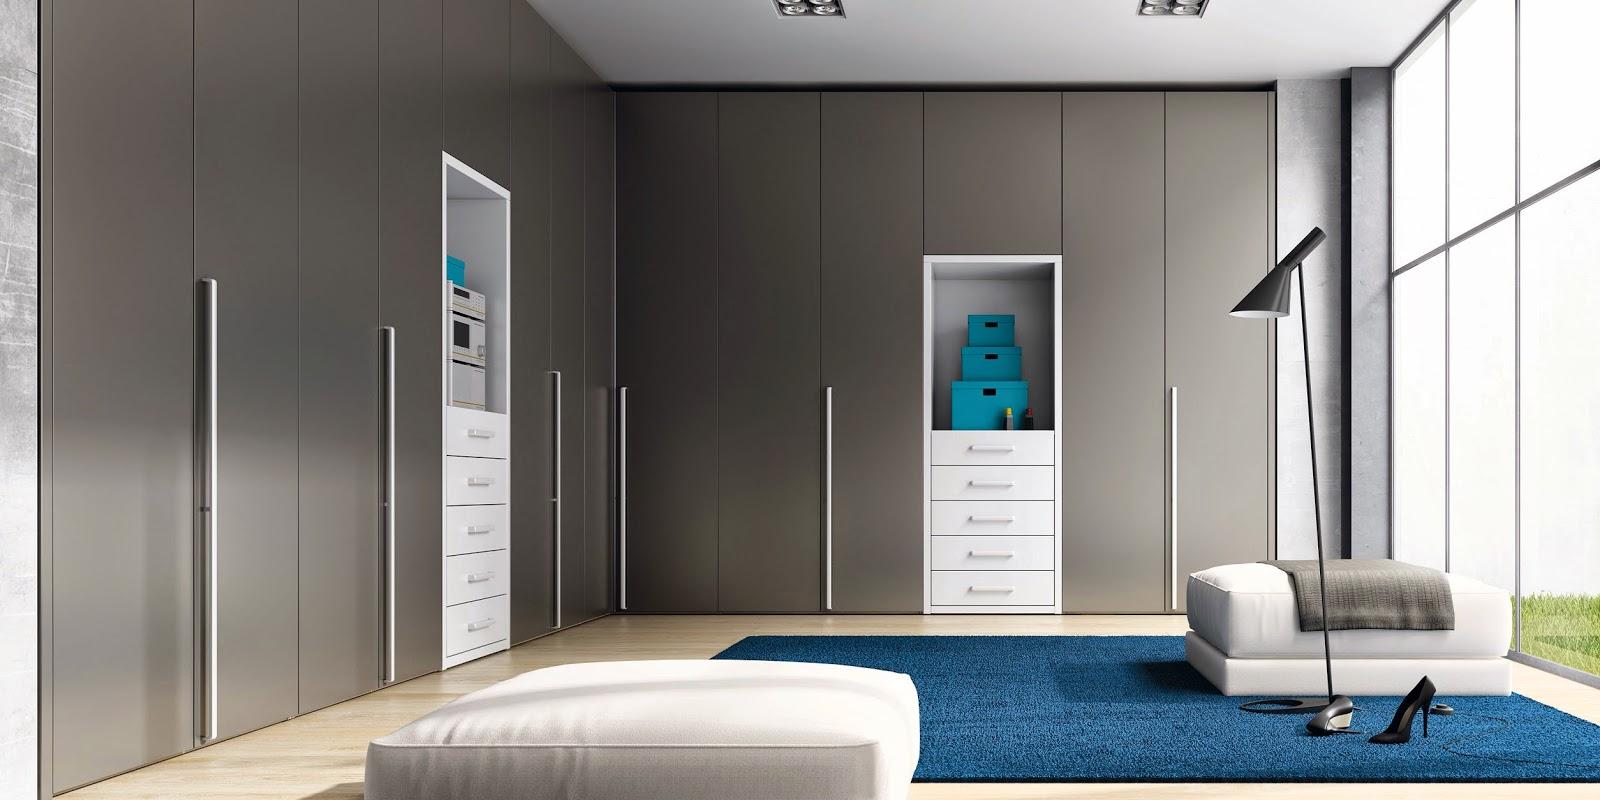 Consigli per posizionare l 39 armadio in camera da letto - Disposizione mobili camera da letto ...